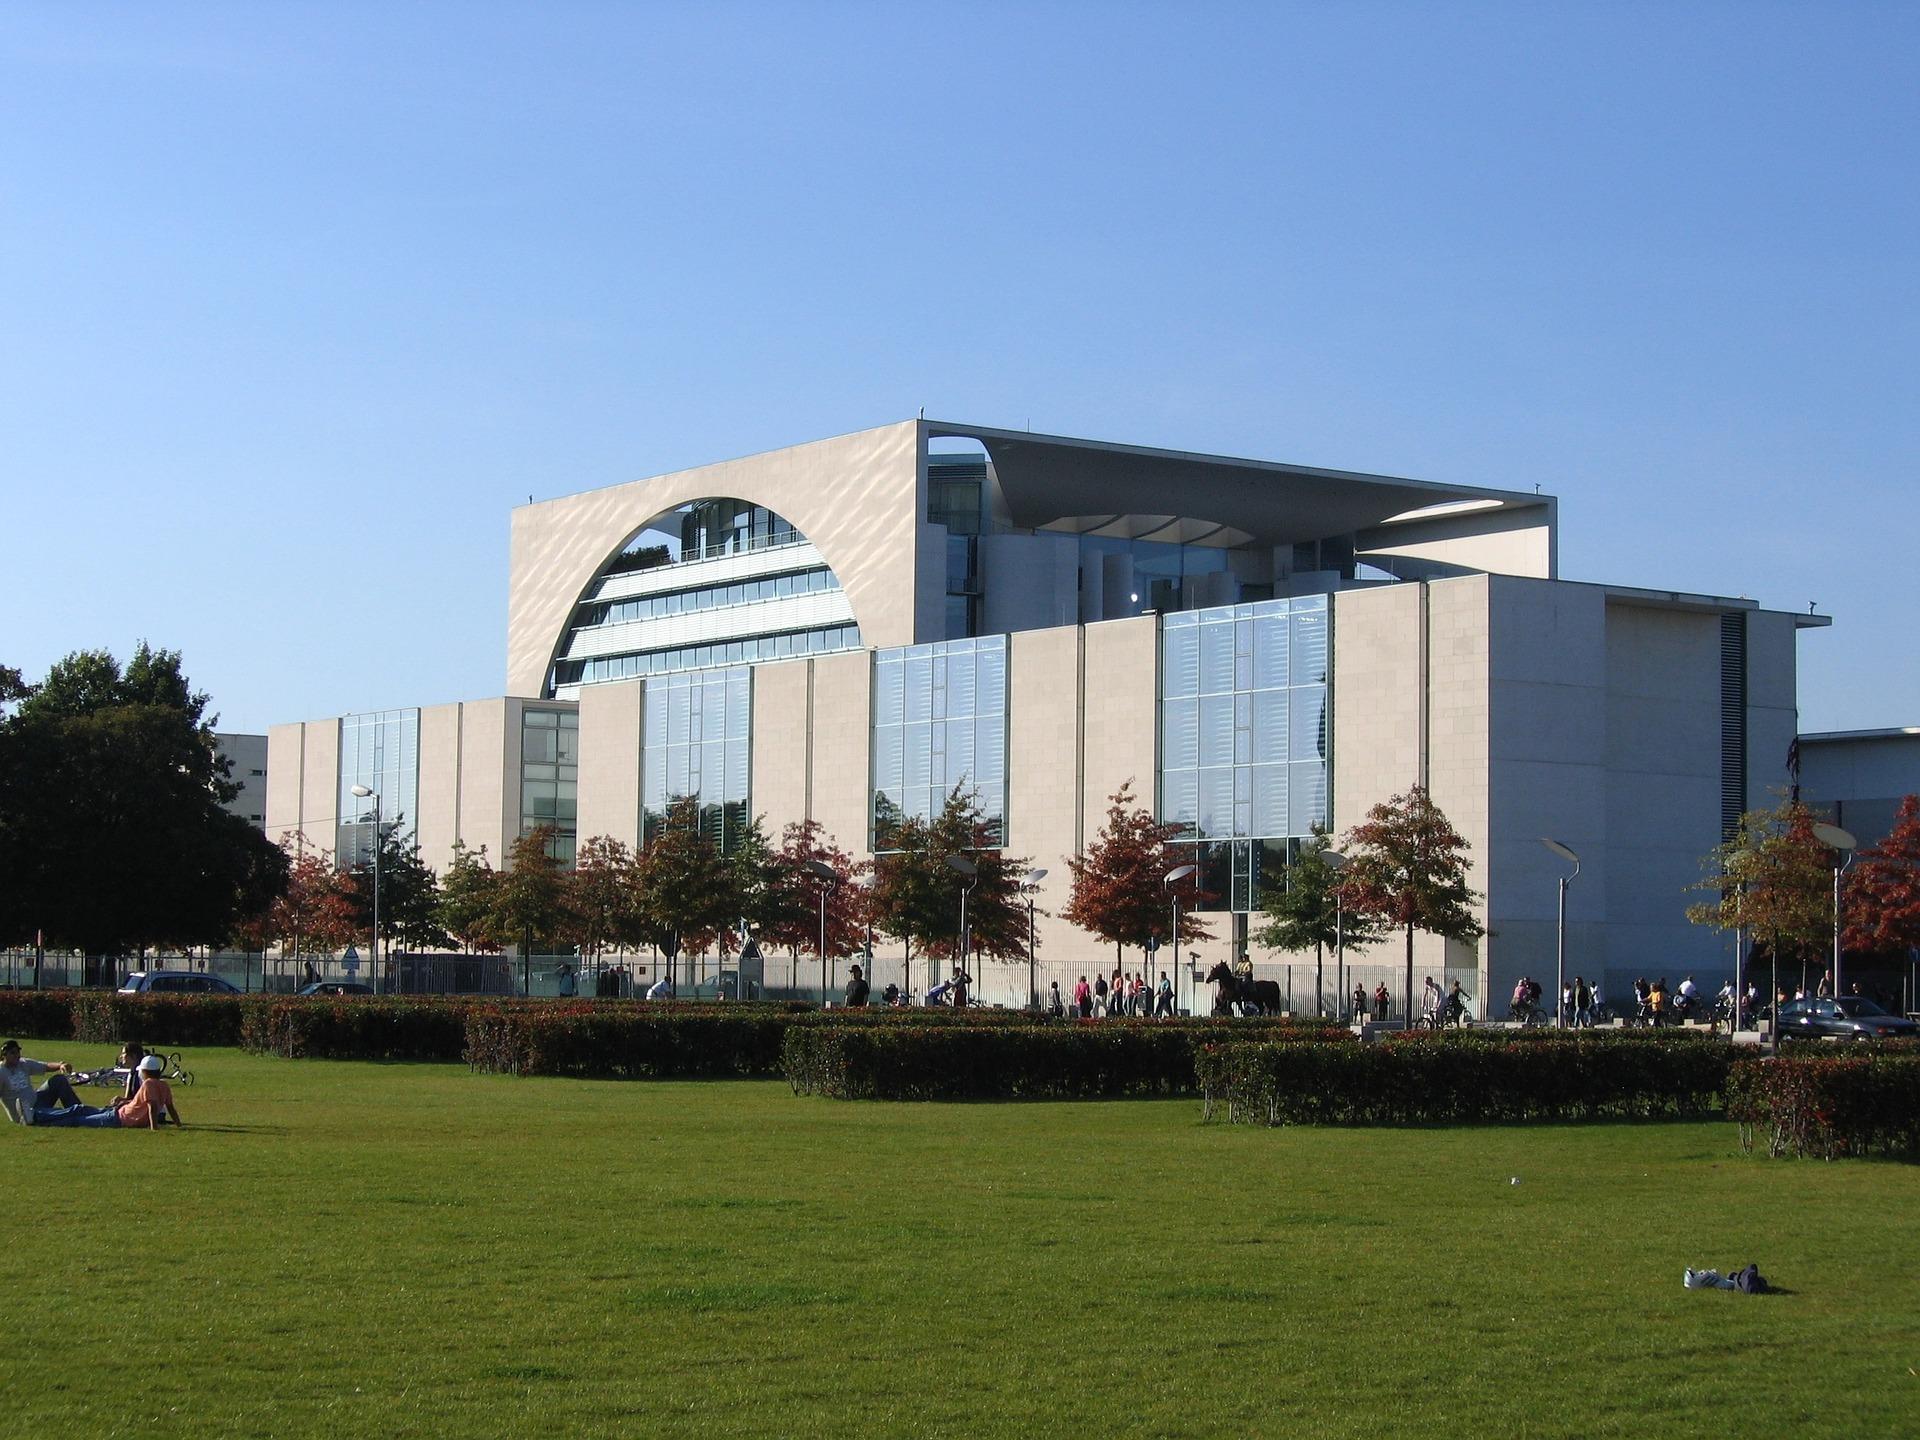 Fassadenverkleidungen aus Faserzementplatten - Fassadensanierung in Halle, Leipzig und Umgebung